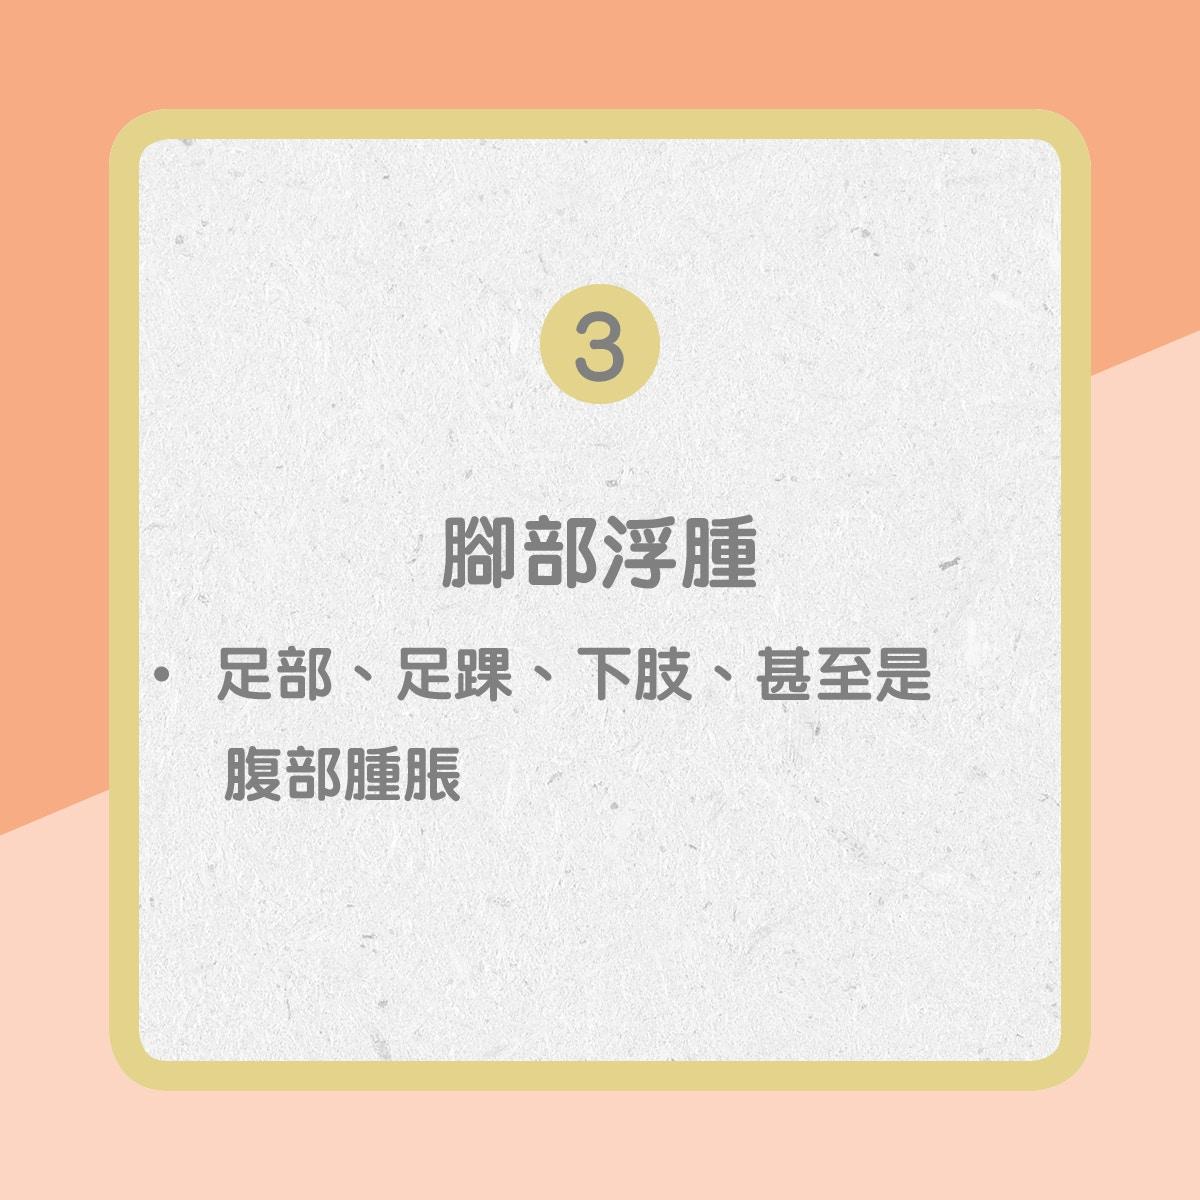 【心臟衰竭病徵】3. 腳部浮腫(01製圖)